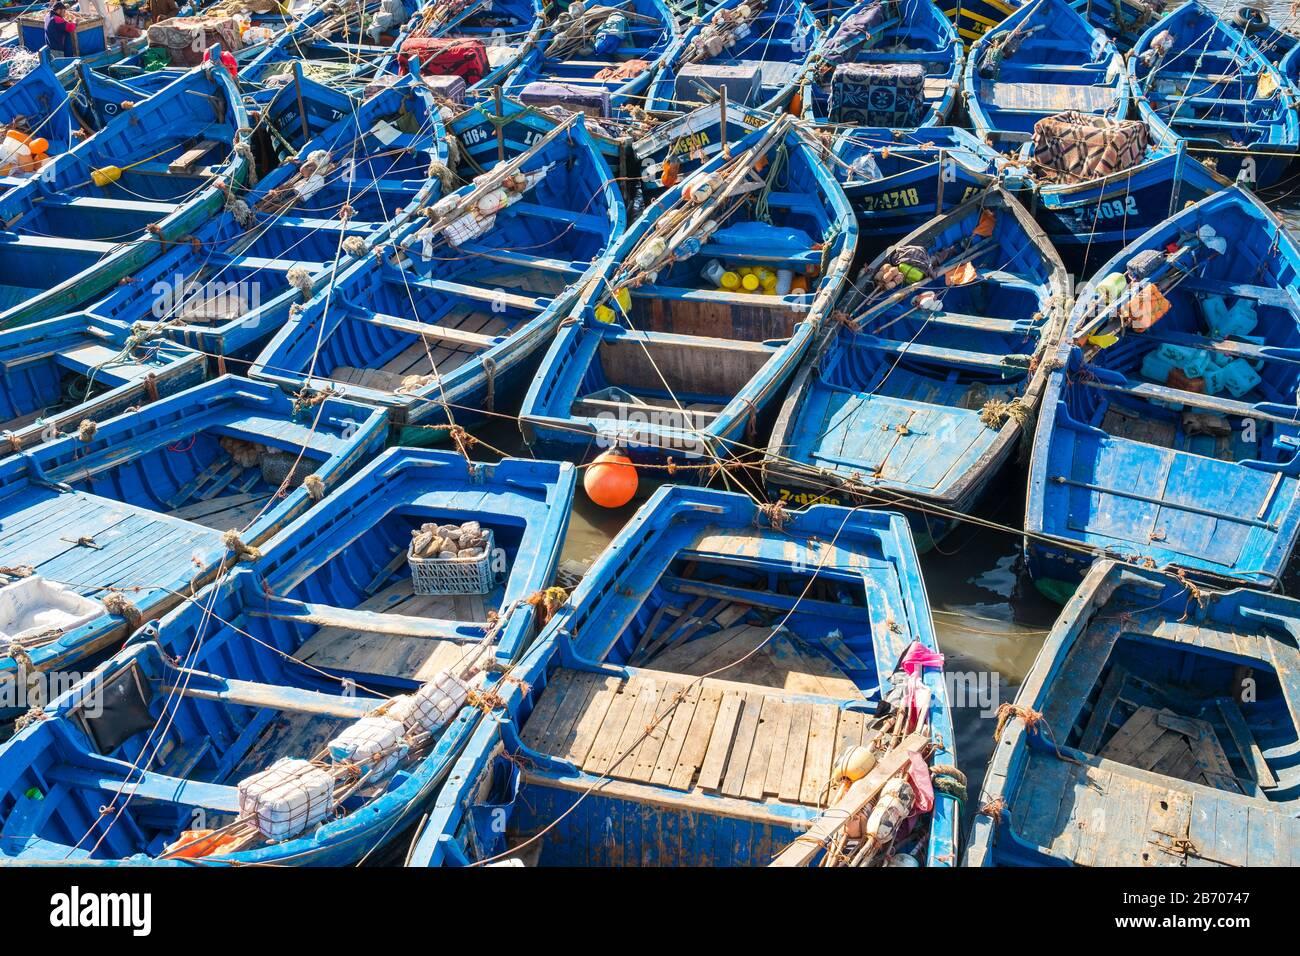 Il Marocco, Marrakesh-Safi (Marrakesh-Tensift-El Haouz) regione, Essaouira. Le barche nel porto di pesca. Foto Stock